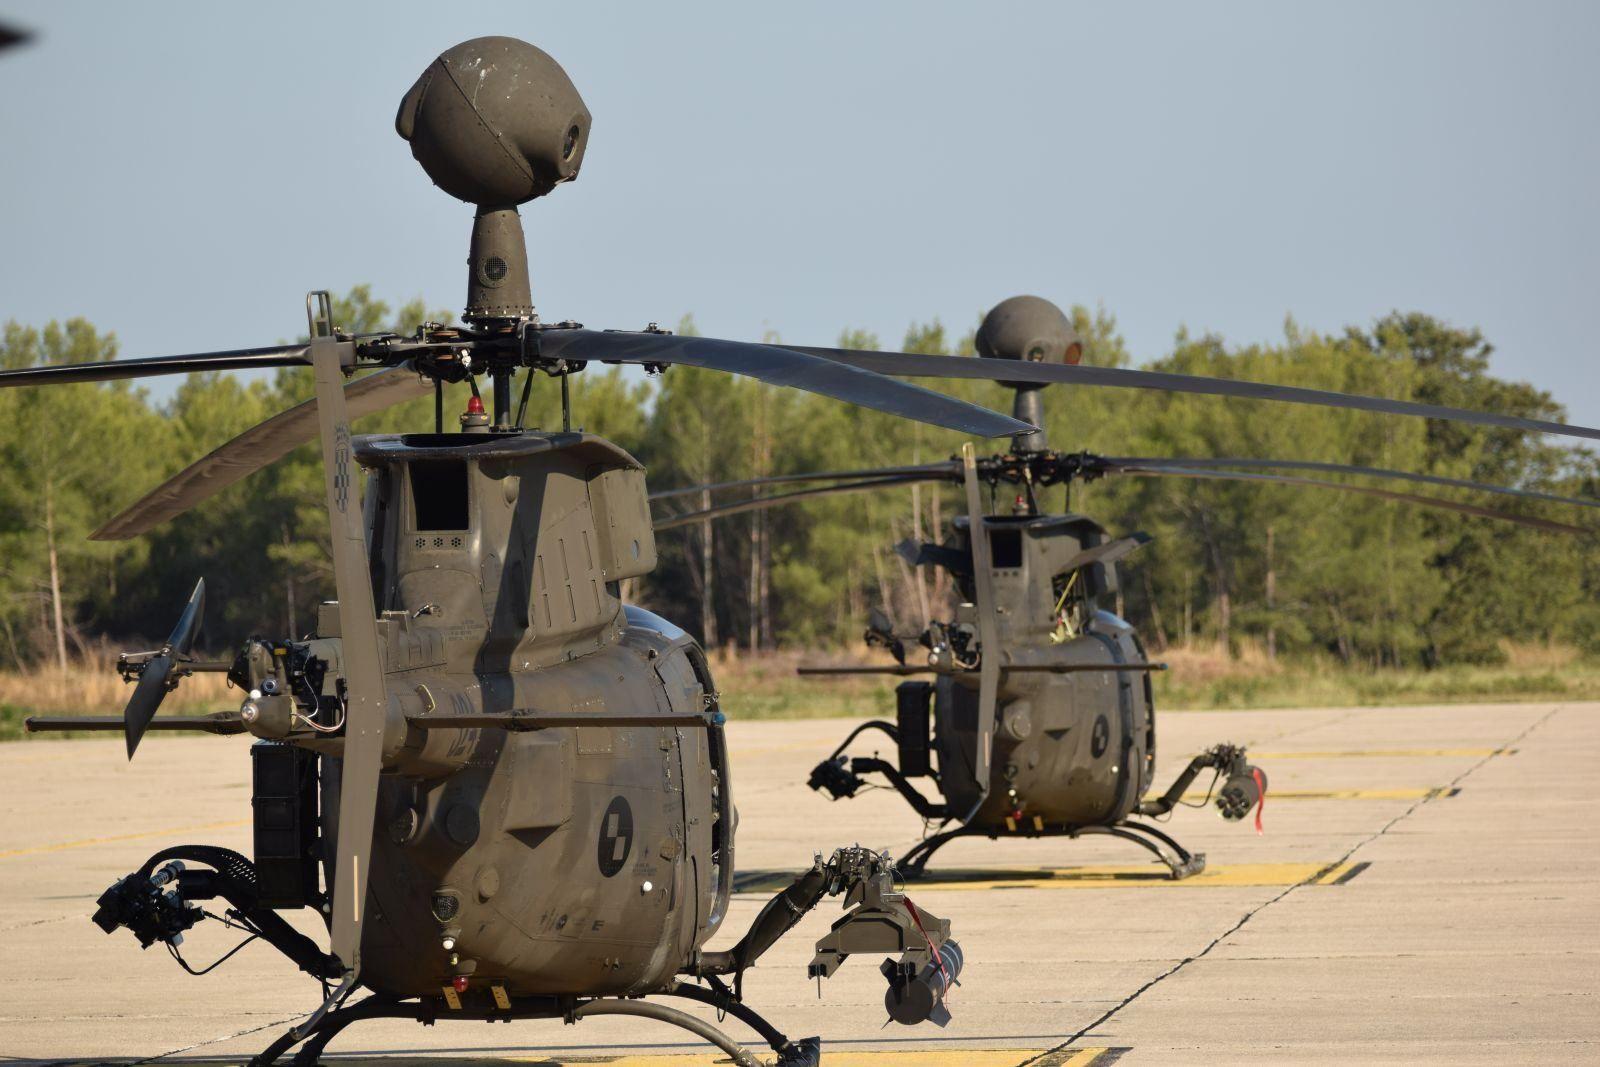 Helikopteri Kiowa Warrior HRZ-a na međunarodnom zrakoplovnom mitingu